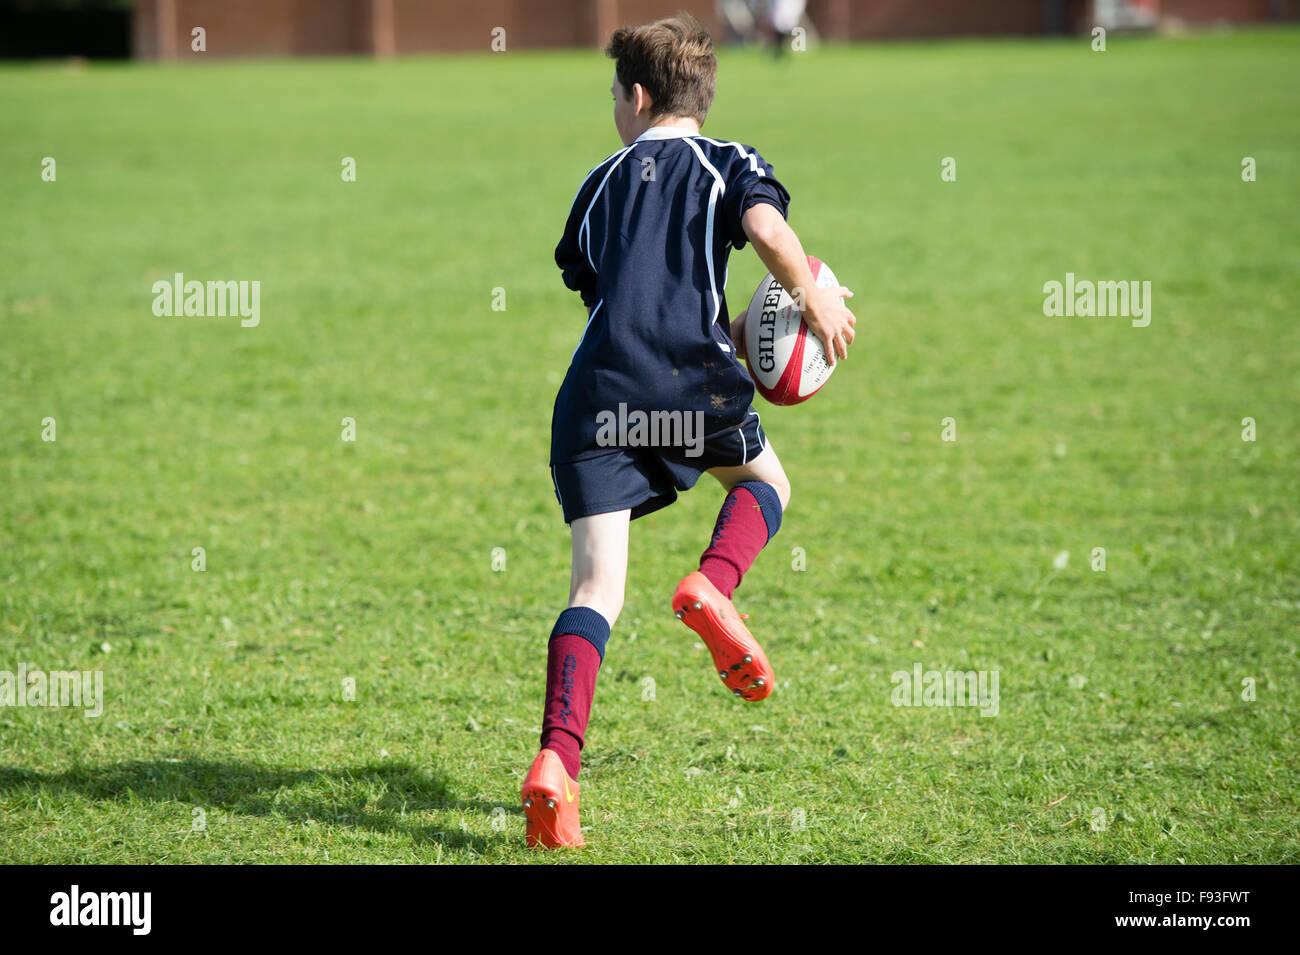 Istruzione secondaria Wales UK: educazione fisica lezione - un ragazzo adolescente giocando a rugby su una scuola Immagini Stock